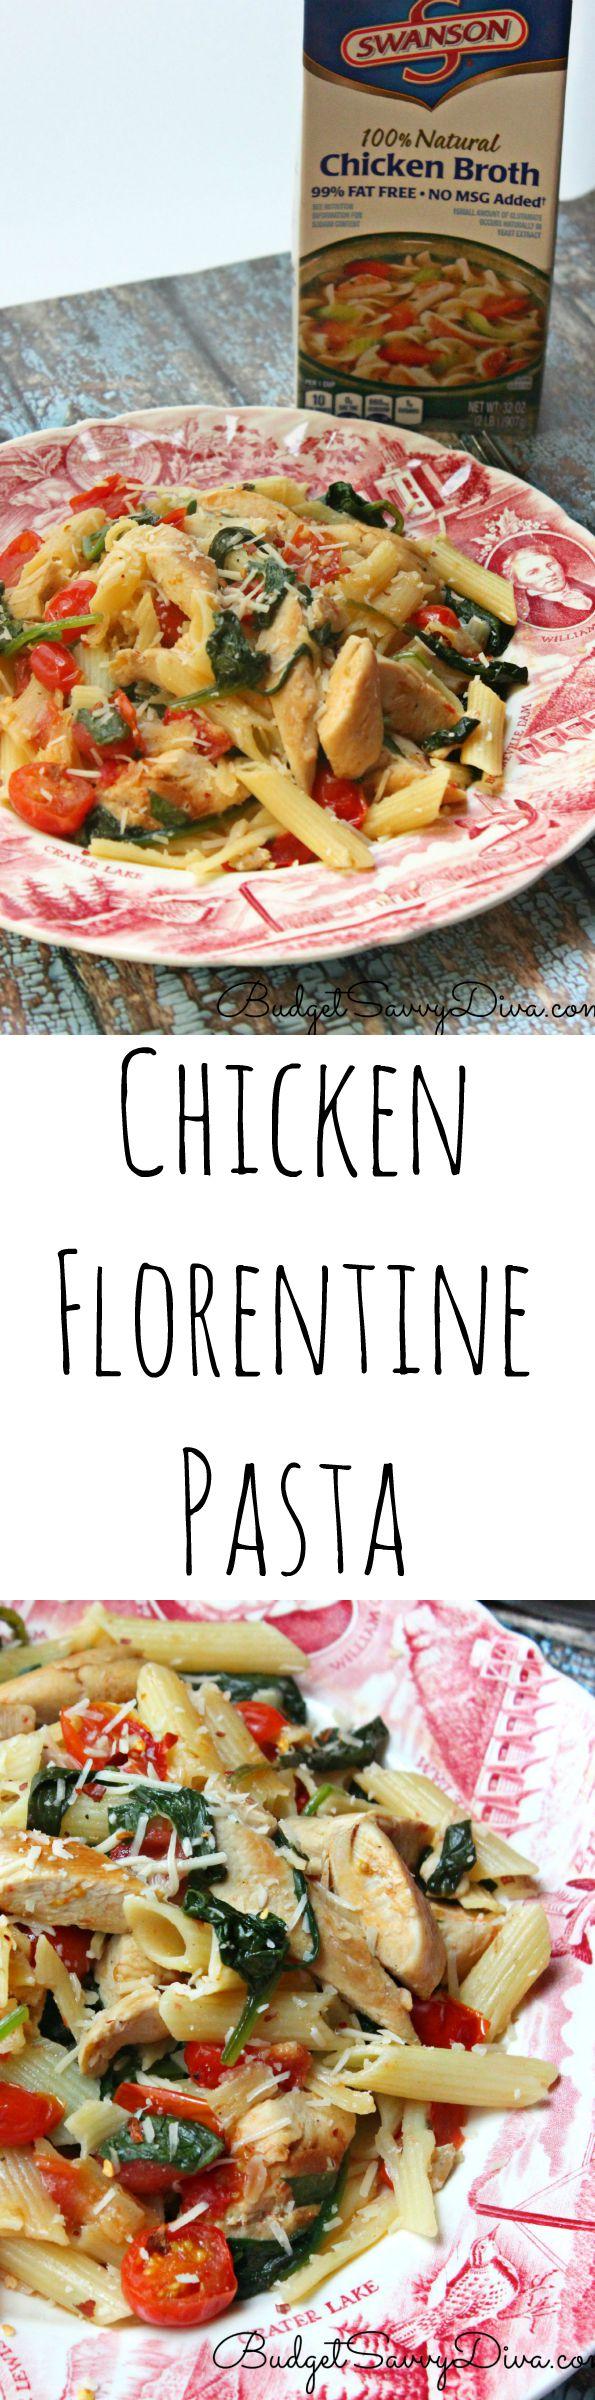 Chicken Florentine Pasta FINAL